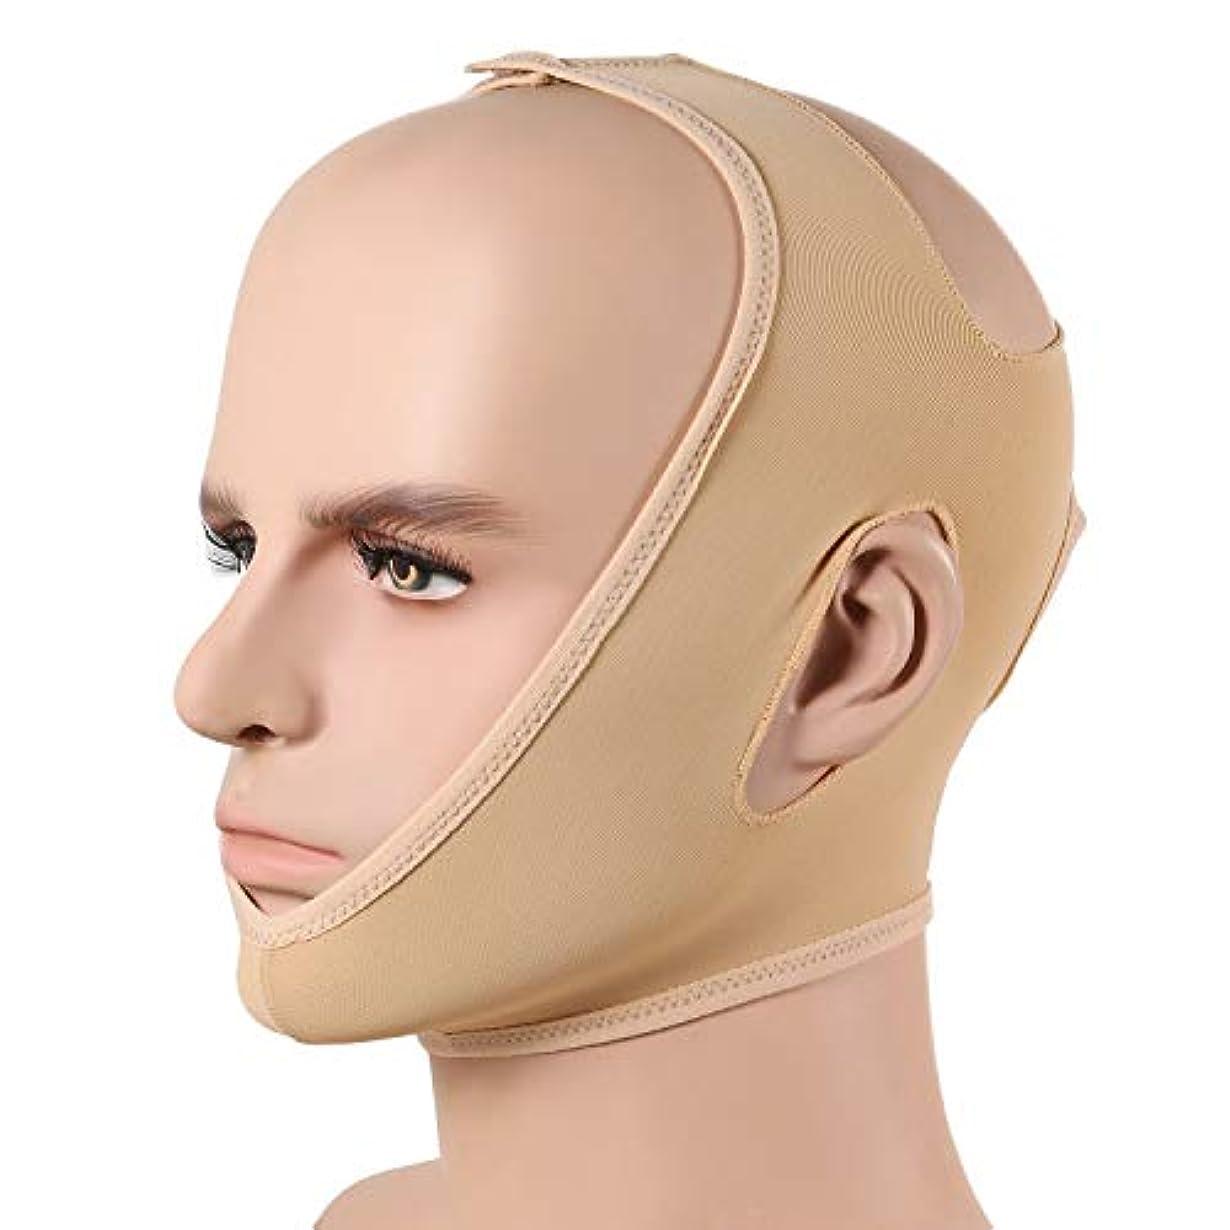 適合する運動毎回WSJTT スリミングベルト、顔の頬のV形状のリフティングフェイスは薄いマスクストラップフェイスラインは通気性の圧縮二重あごスムースリフトアップ包帯チンはアンチリンクルストラップ、Vフェイスラインスリムアップマスクを持ち...